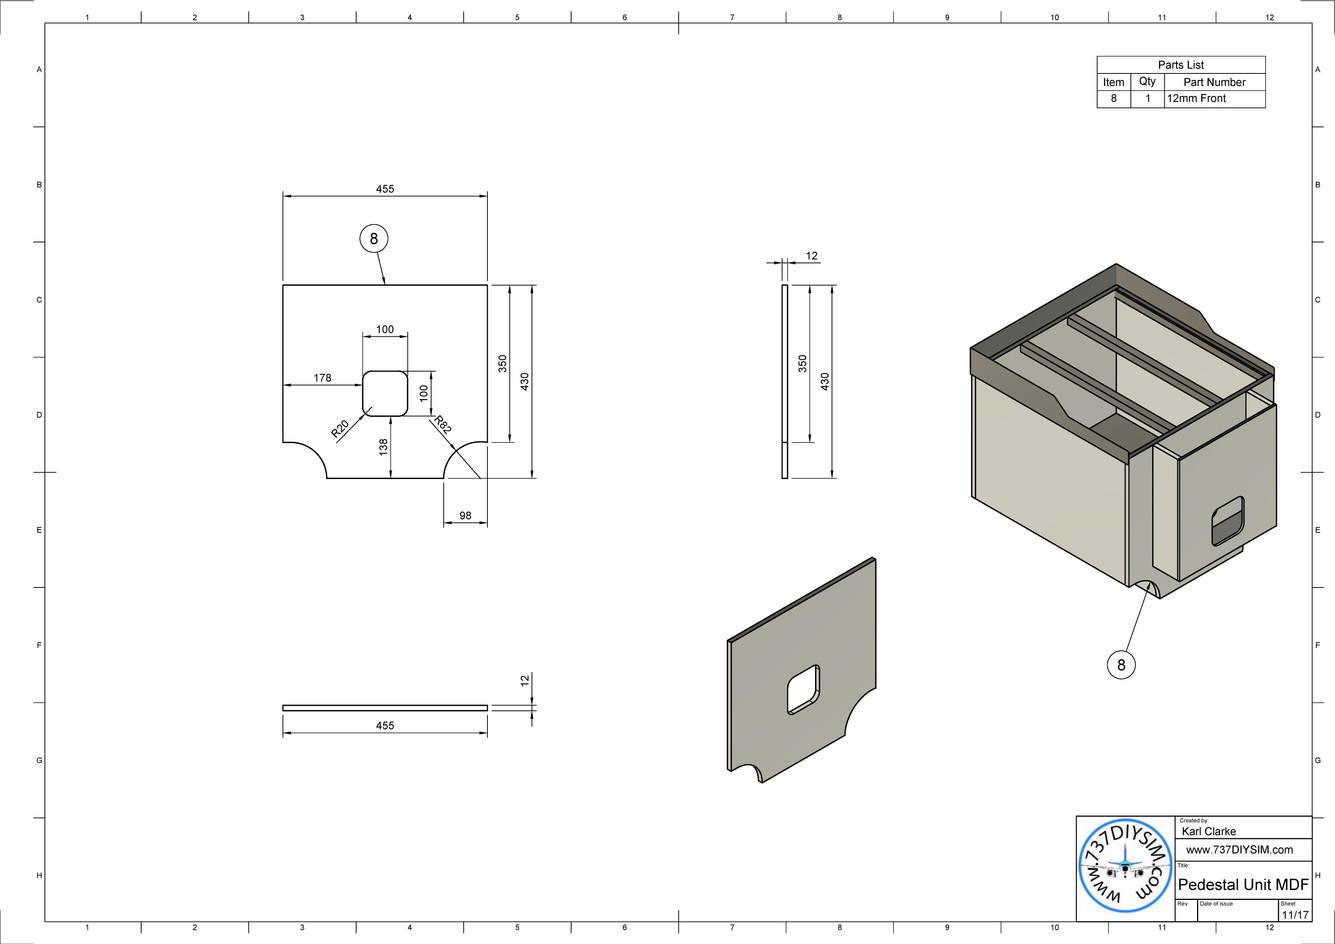 Pedestal Unit MDF Drawing v2-page-011.jp